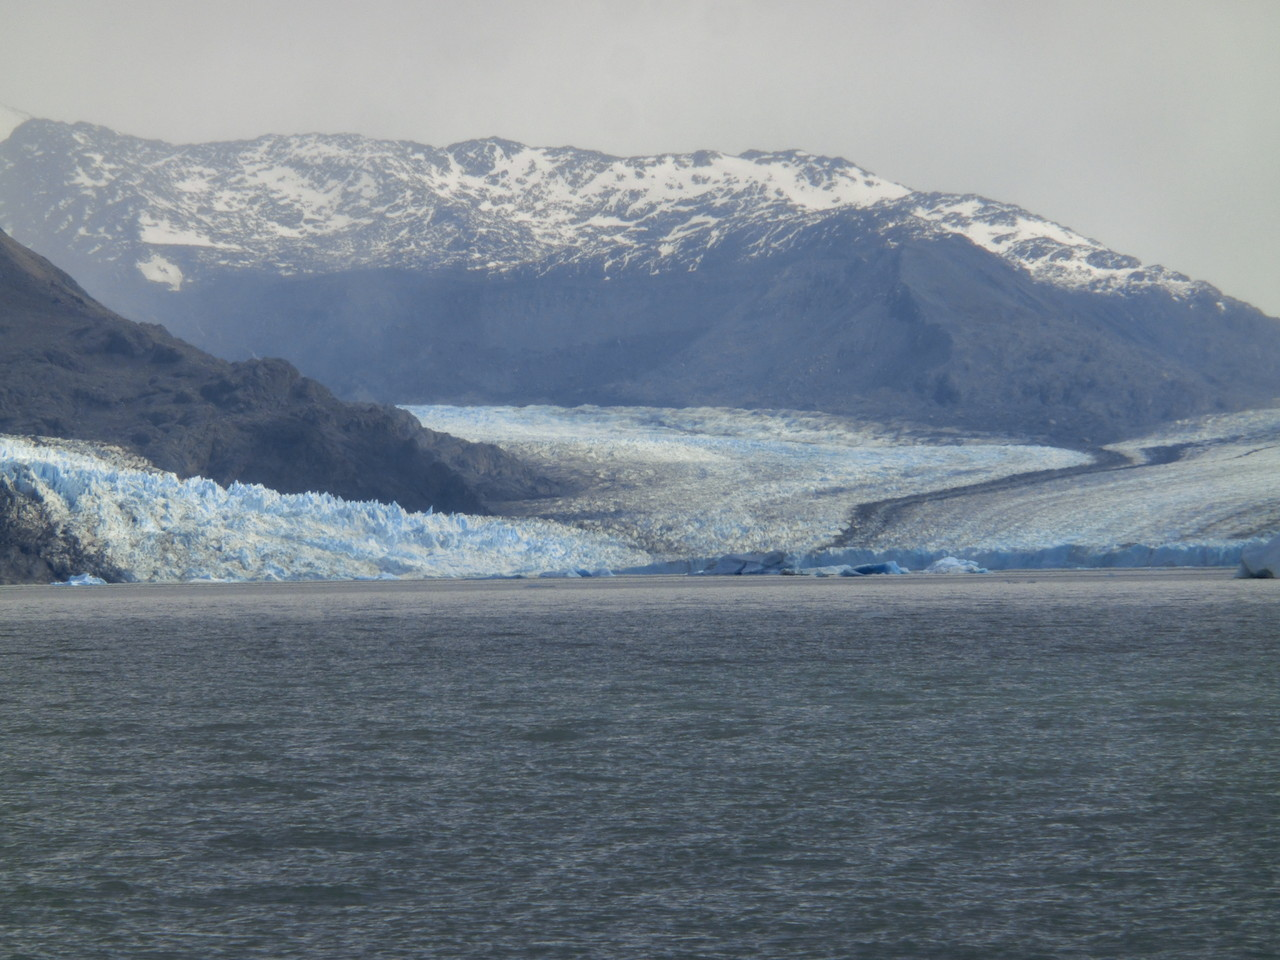 nochmals der Upsala-Gletscher